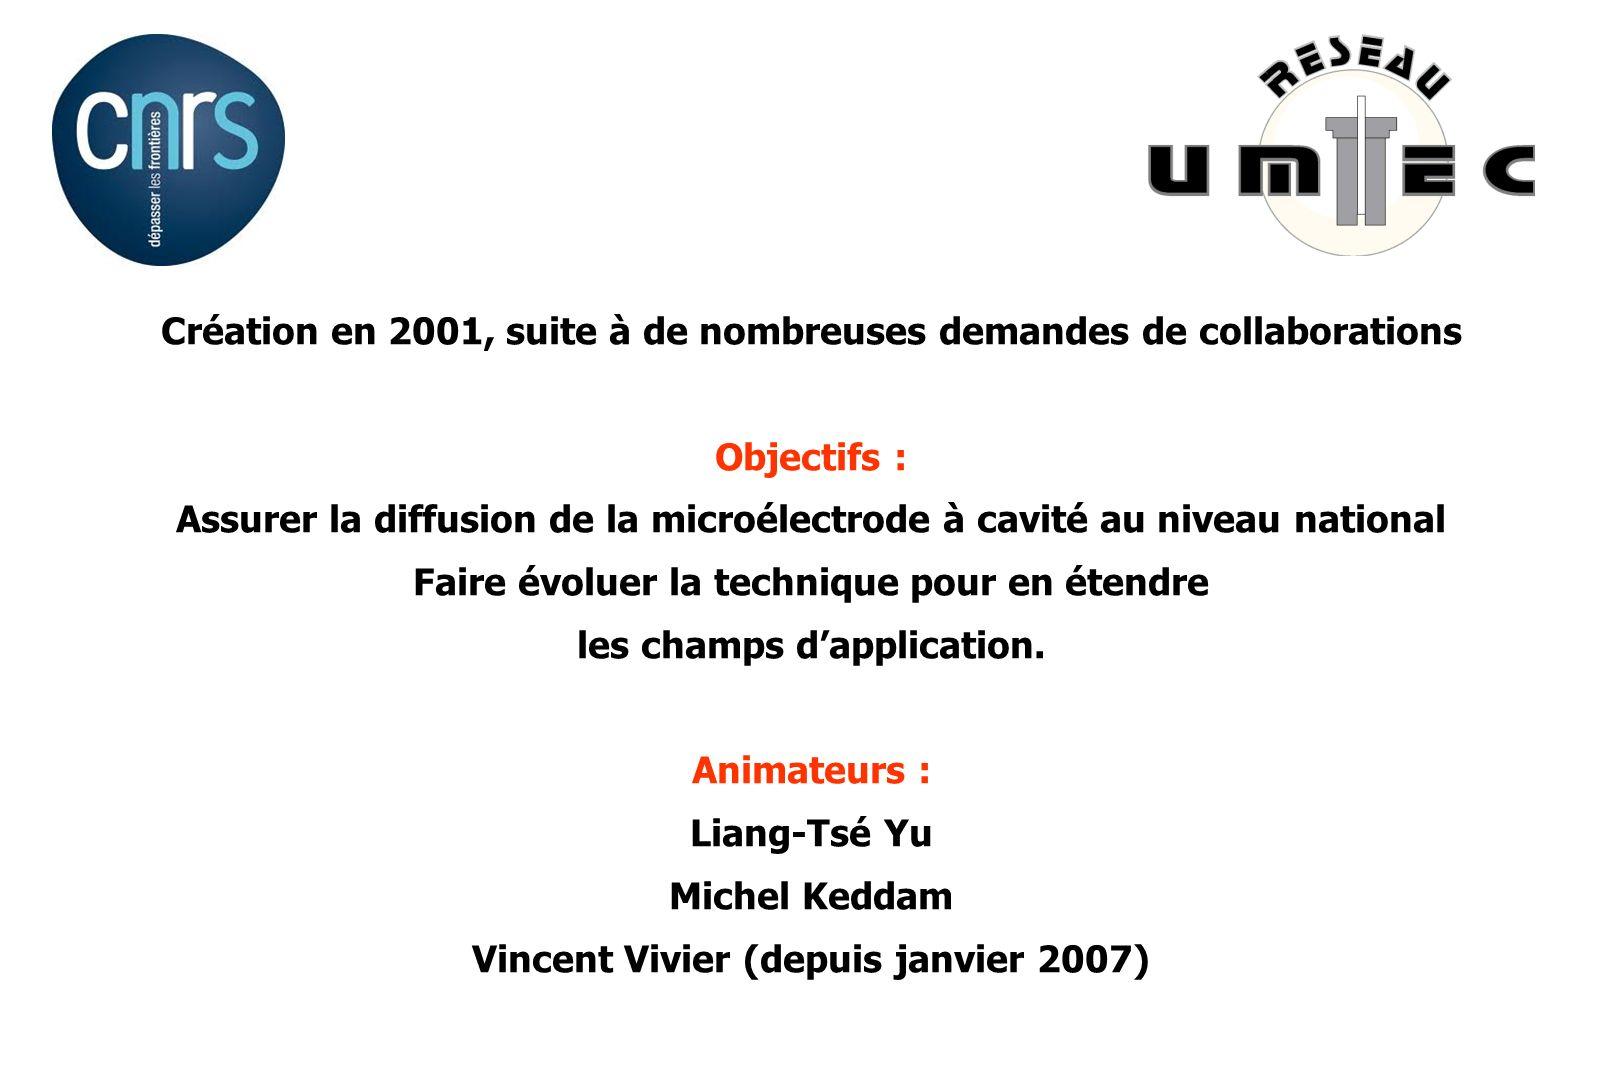 Création en 2001, suite à de nombreuses demandes de collaborations Objectifs : Assurer la diffusion de la microélectrode à cavité au niveau national F